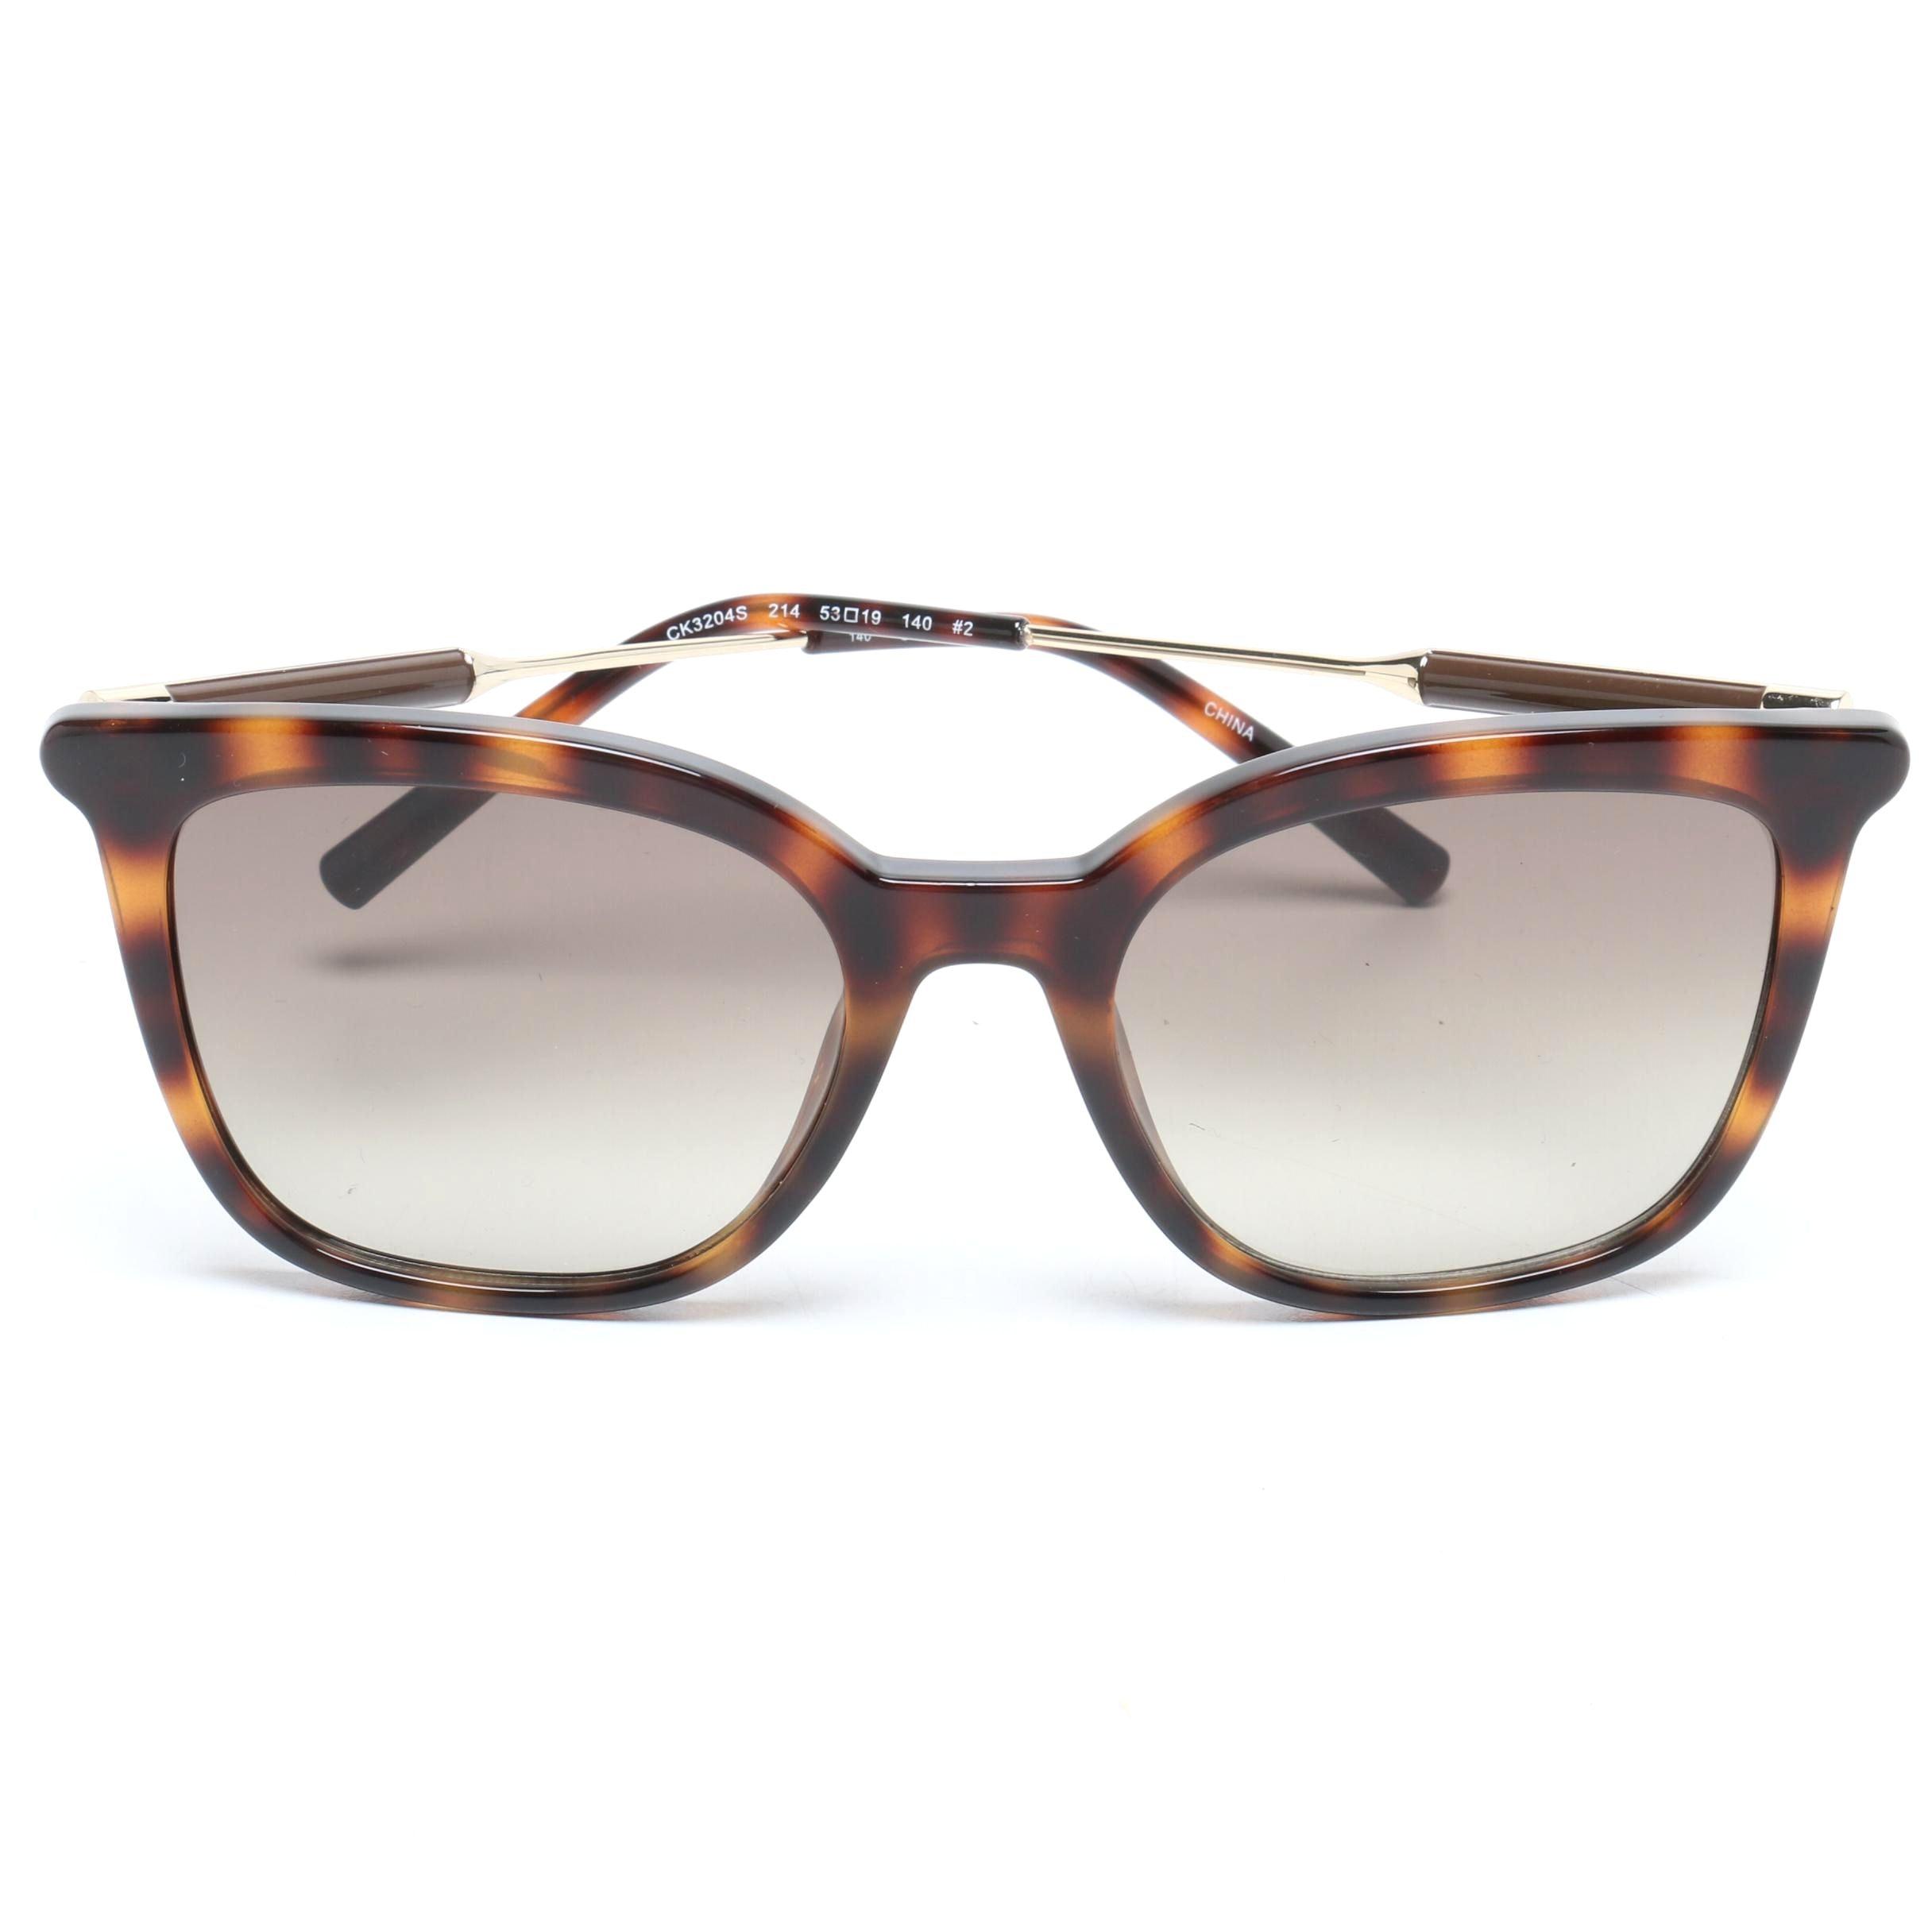 Calvin Klein Tortoiseshell Style Square Sunglasses